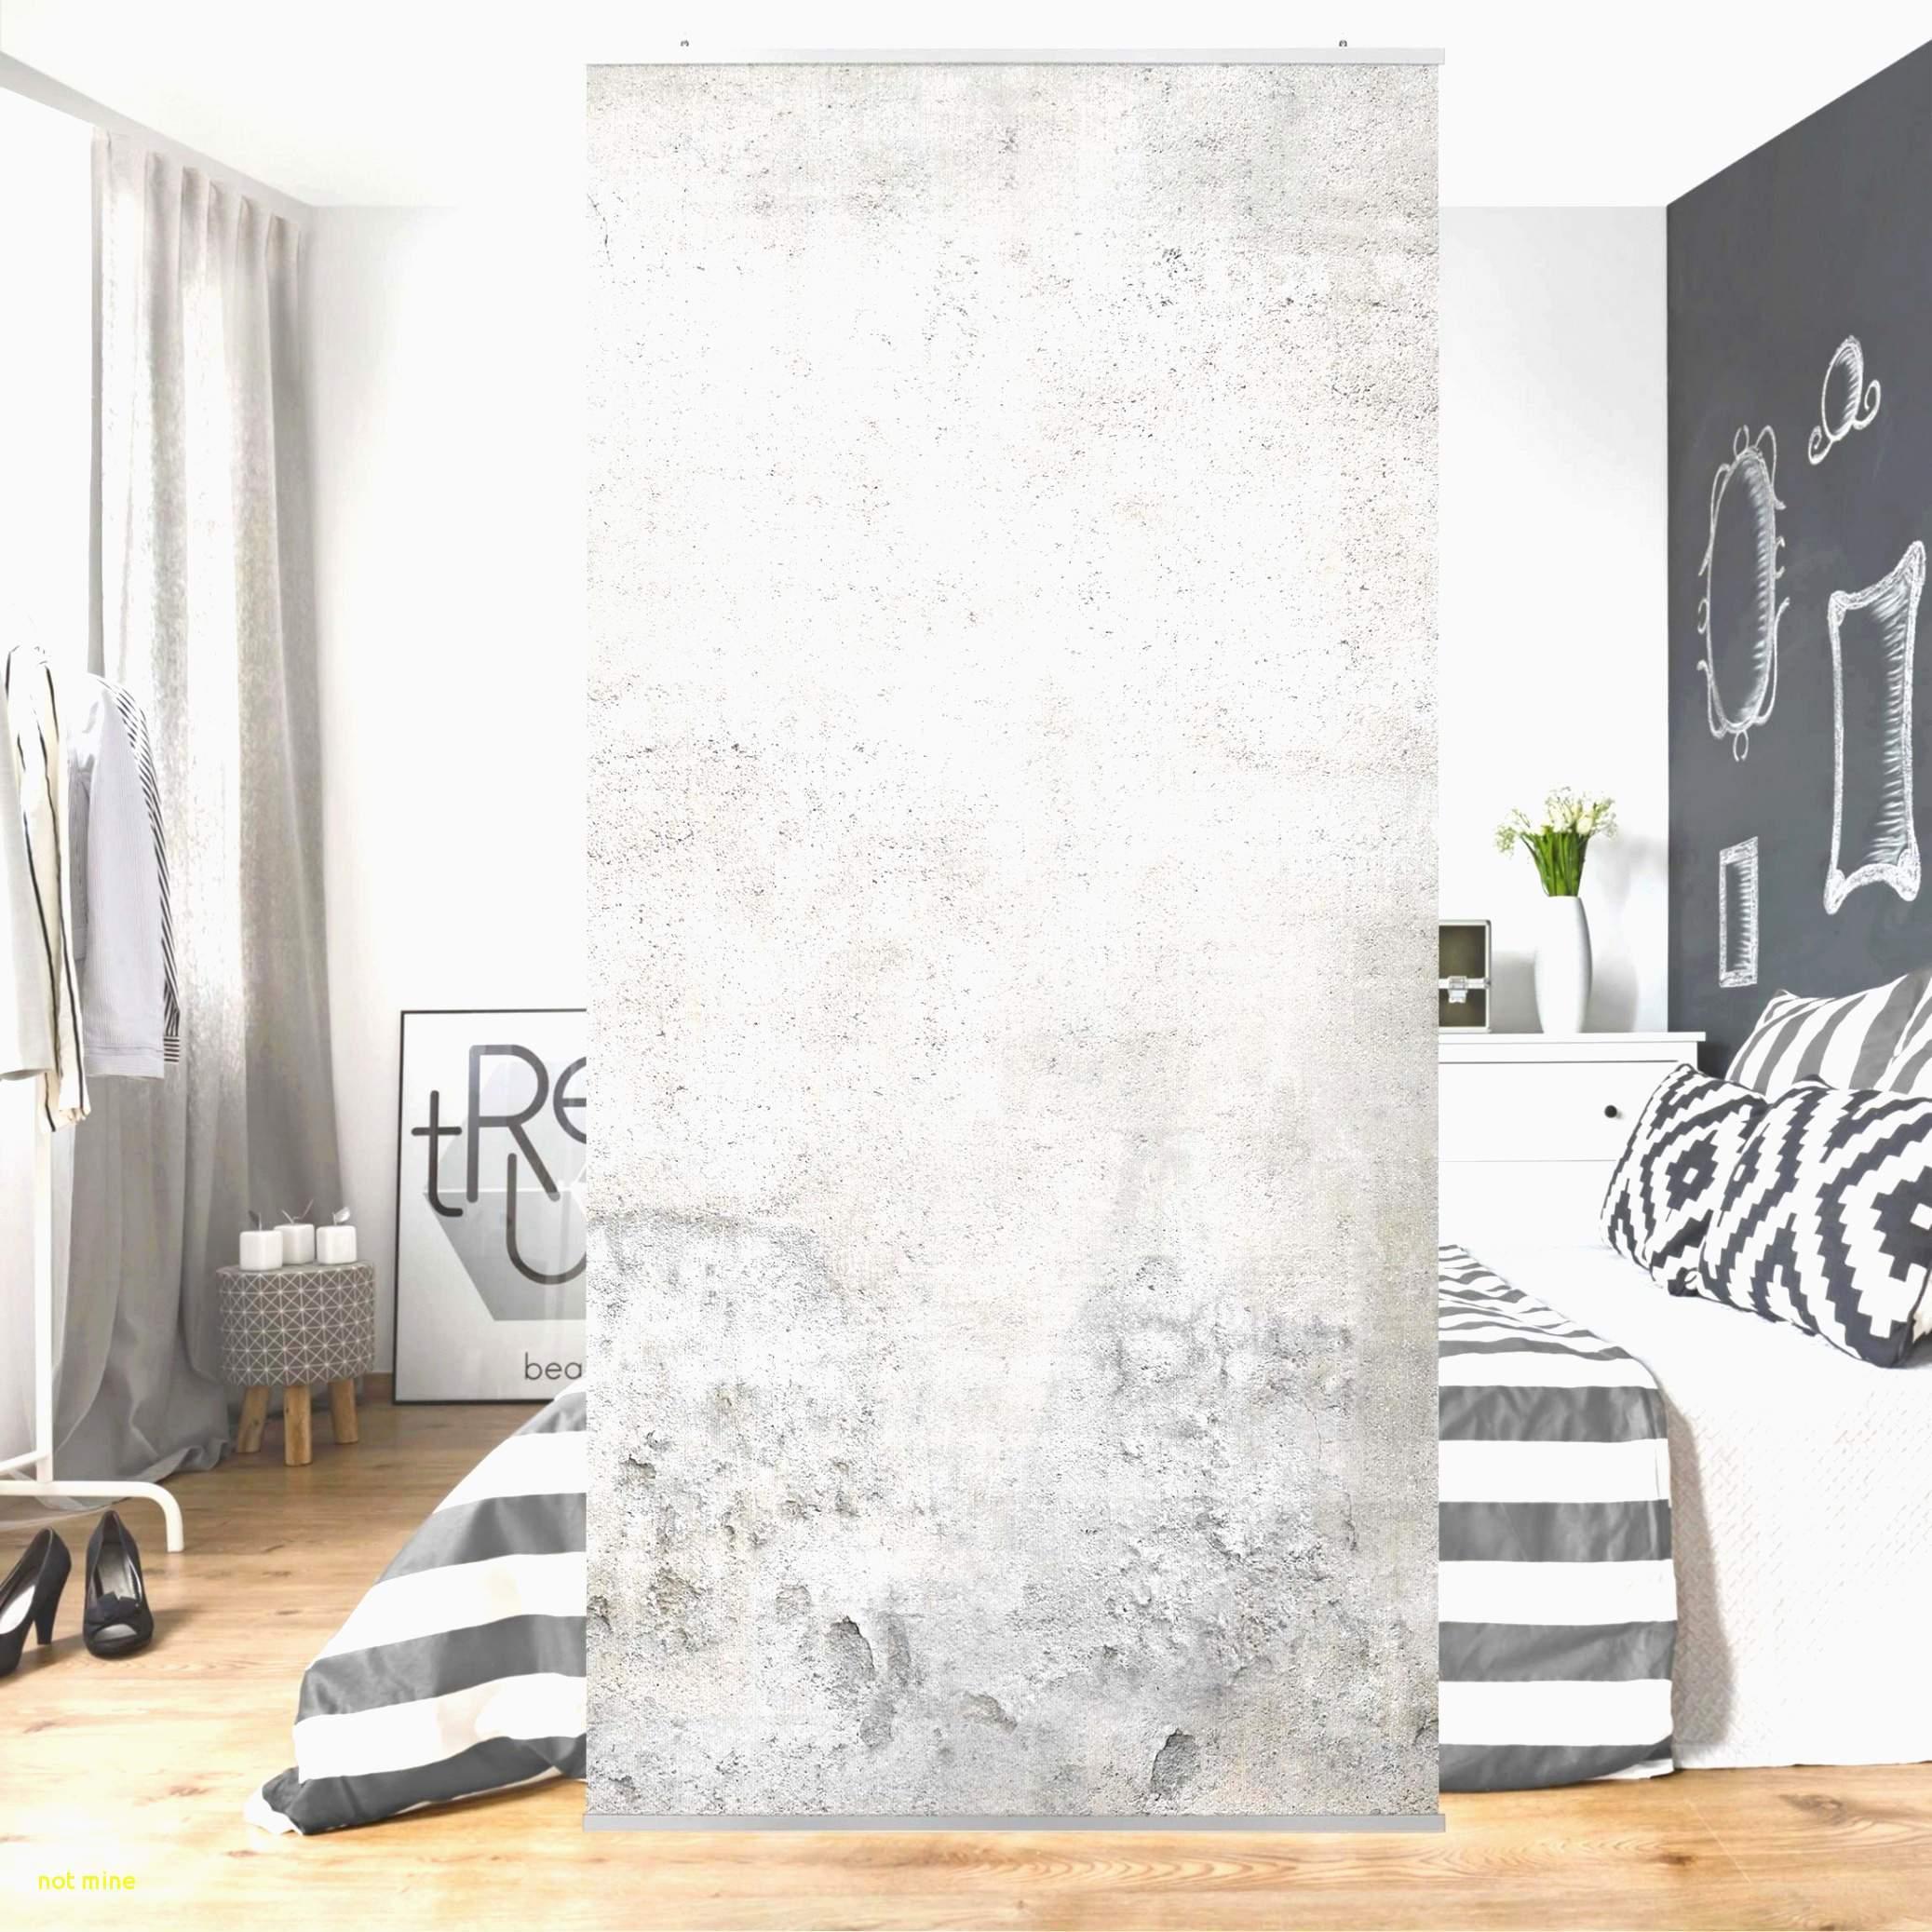 wohnzimmer graue wand einzigartig dunkelblaue wand wohnzimmer schon 0d archives grau wandfarbe of wohnzimmer graue wand